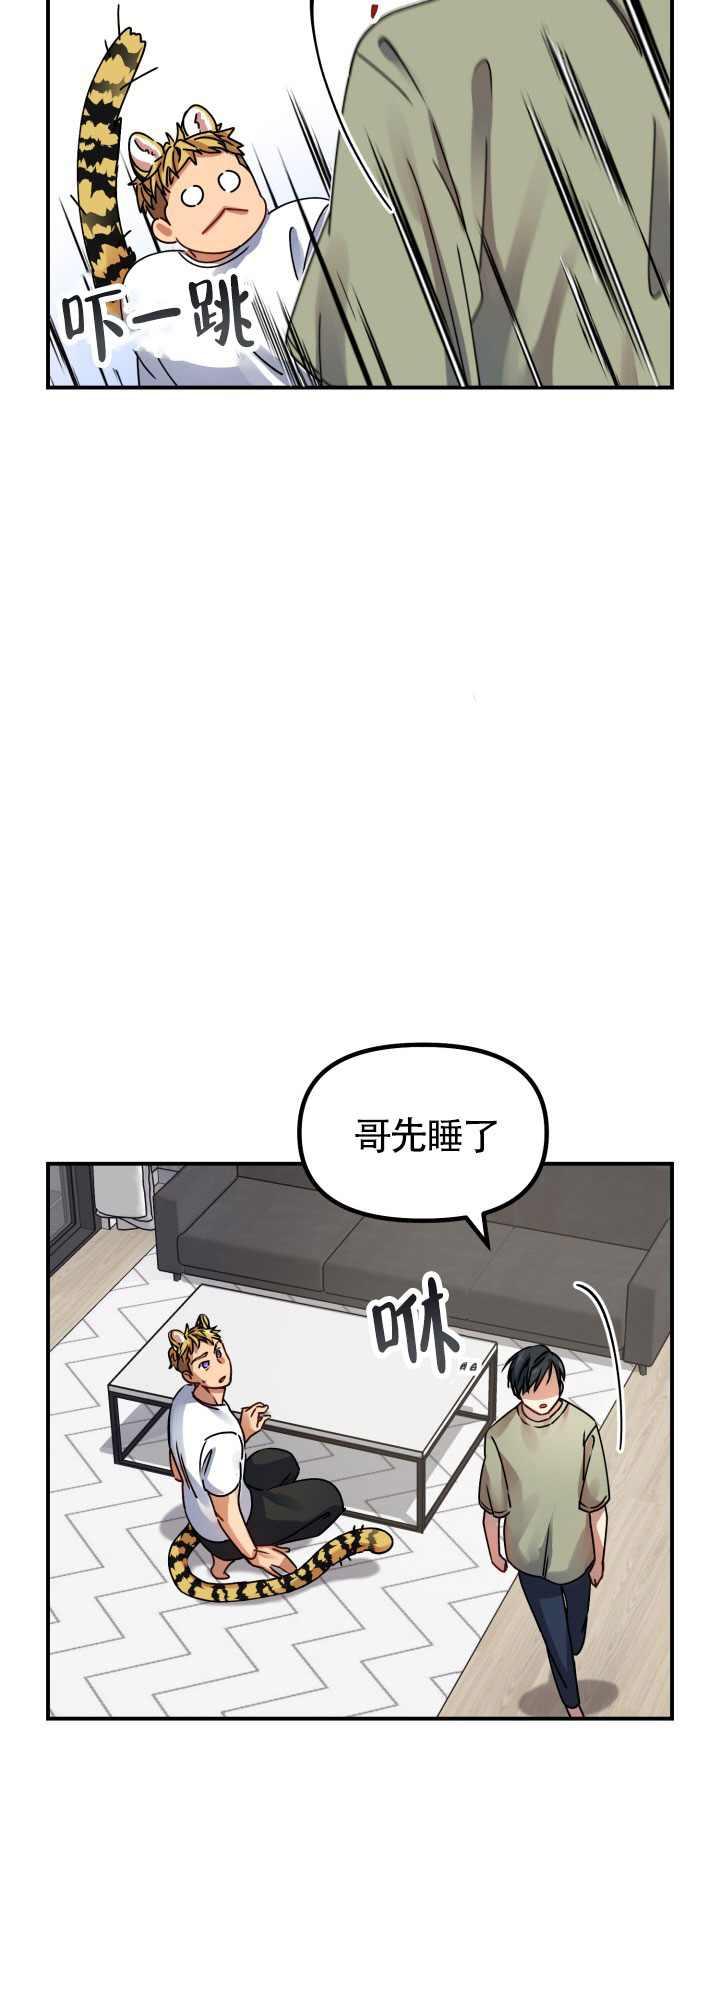 韩漫《老虎的婚期》身为猛虎,细嗅蔷薇!